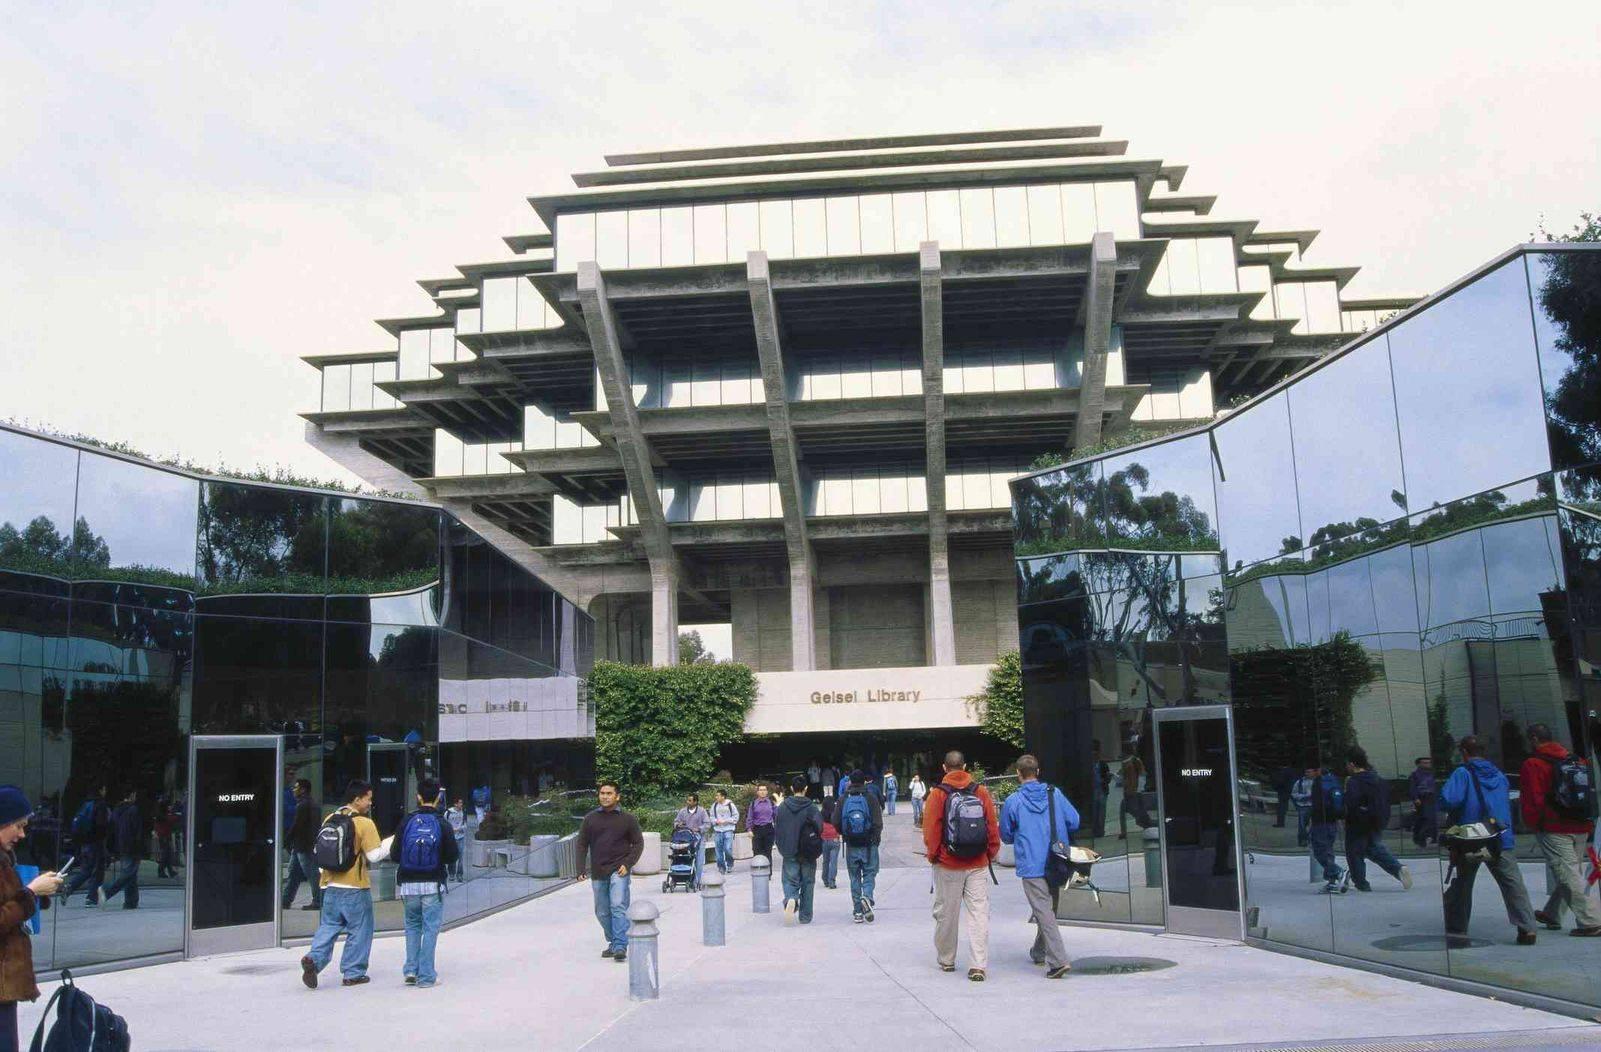 Калифорнийский университет в лос-анджелесе в 2021 году: поступление, обучение